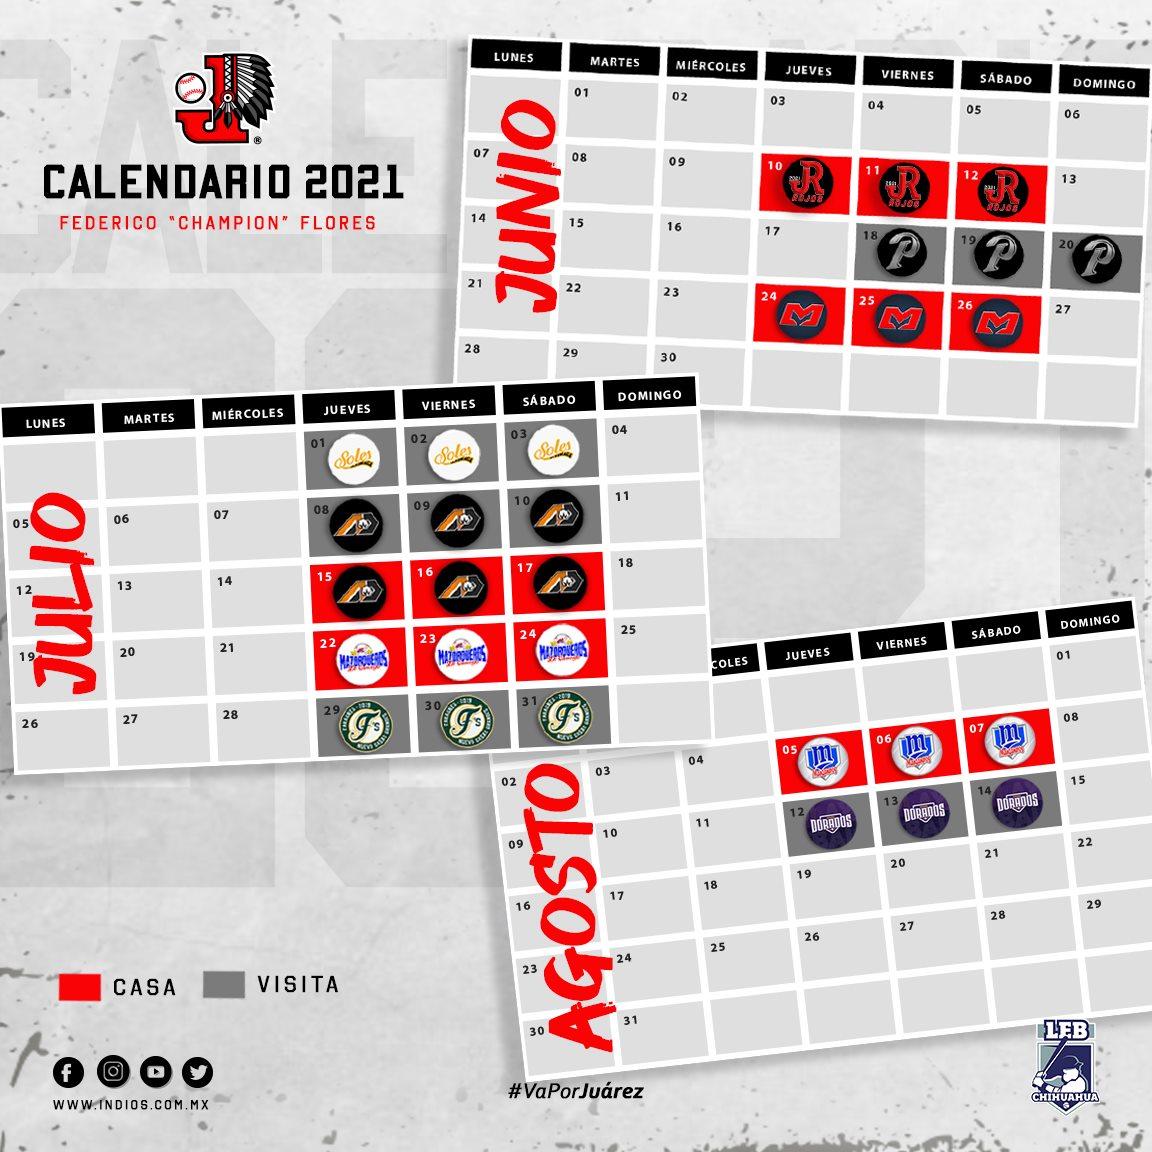 rol-calendario-juegos-campeonato-beisbol-chihuahua-2021-indios-juarez-actualizado